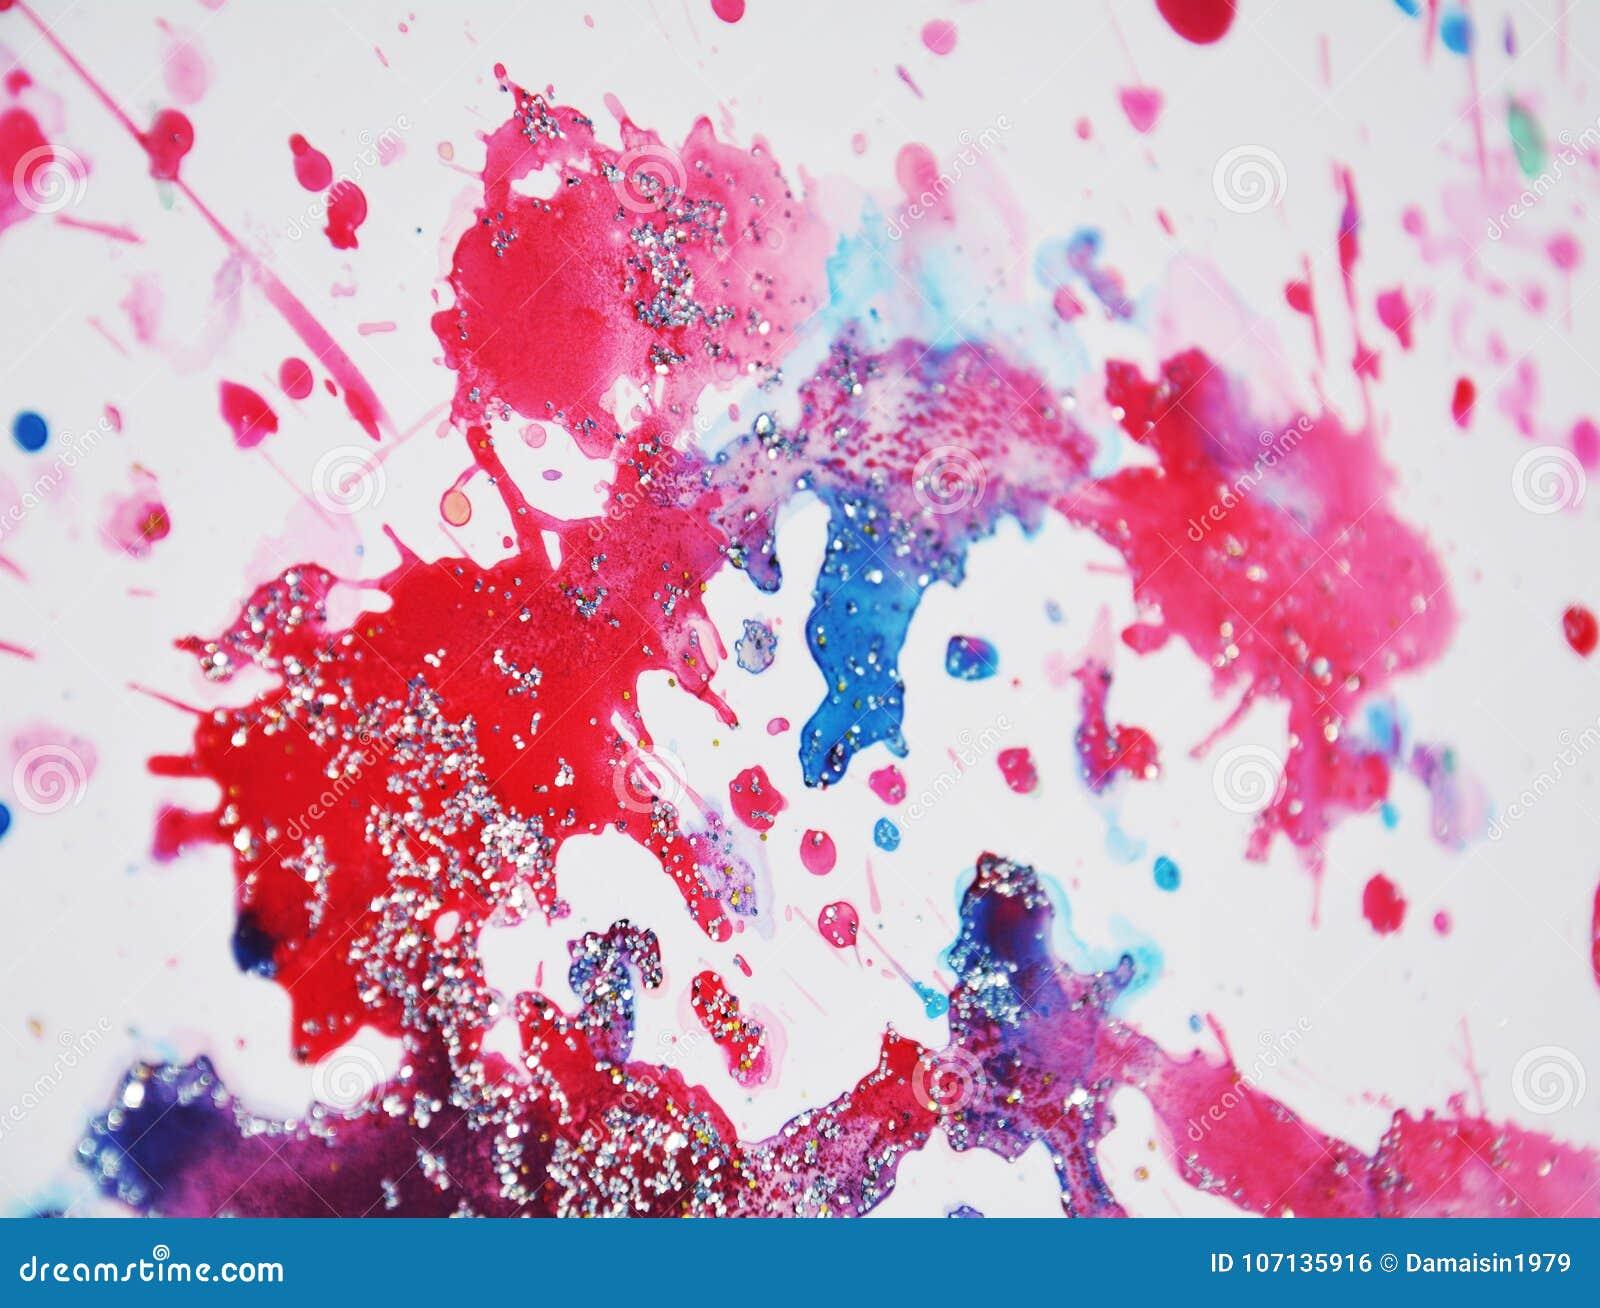 Bloedige rode wasachtige vlekken, waterverfverf, kleurrijke tinten